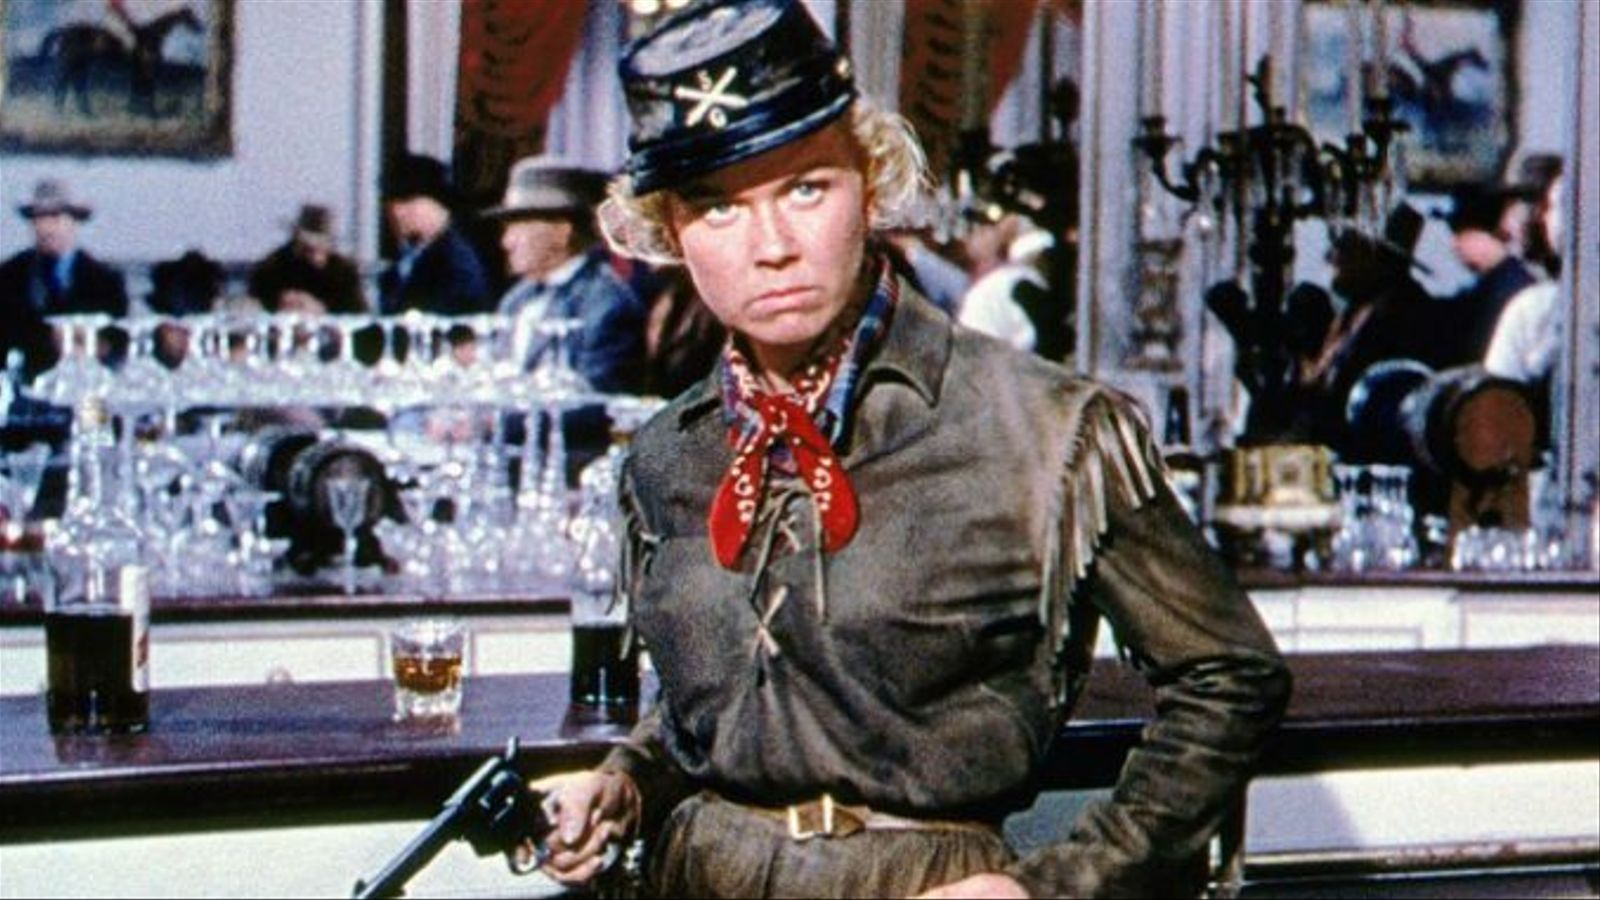 L'actriu va interpretar una aventurera de l'Oest a 'Calamity Jane' (1953)